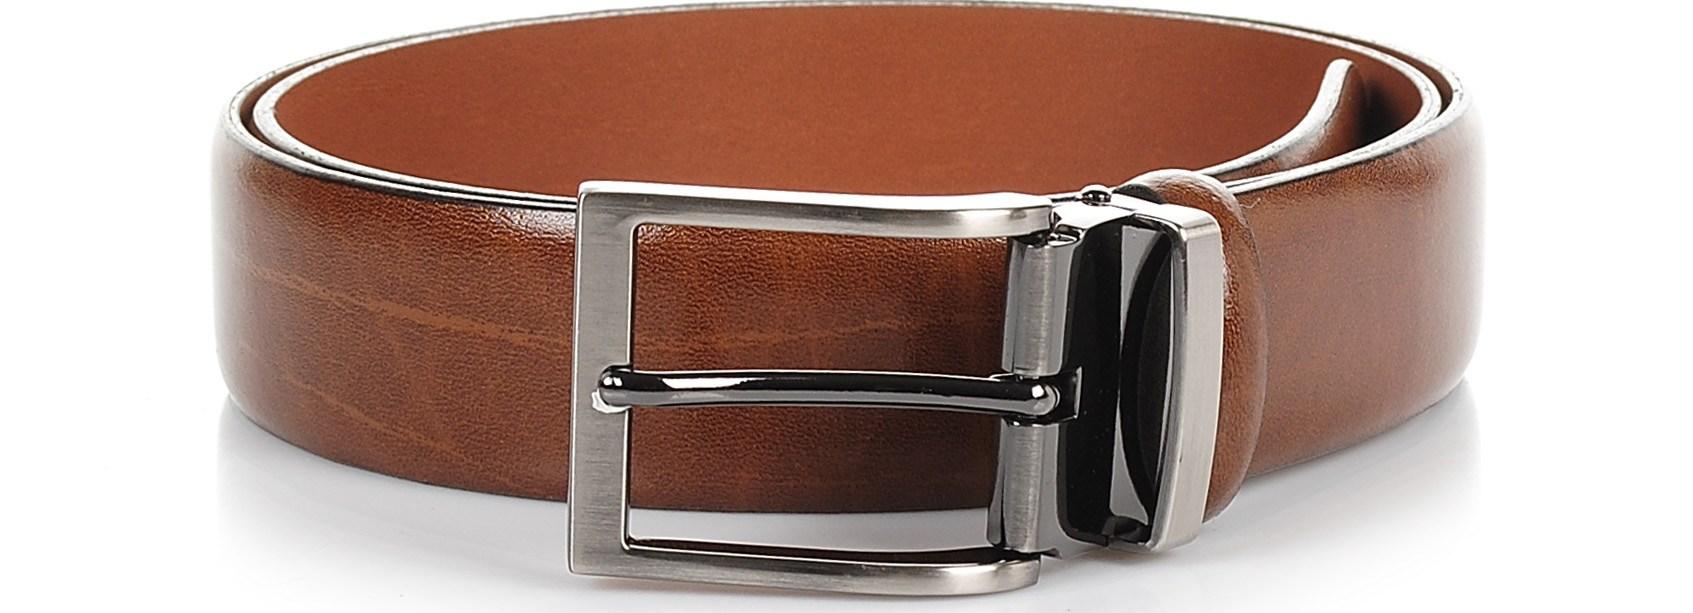 Δερμάτινη Ζώνη Brandbags Collection B469